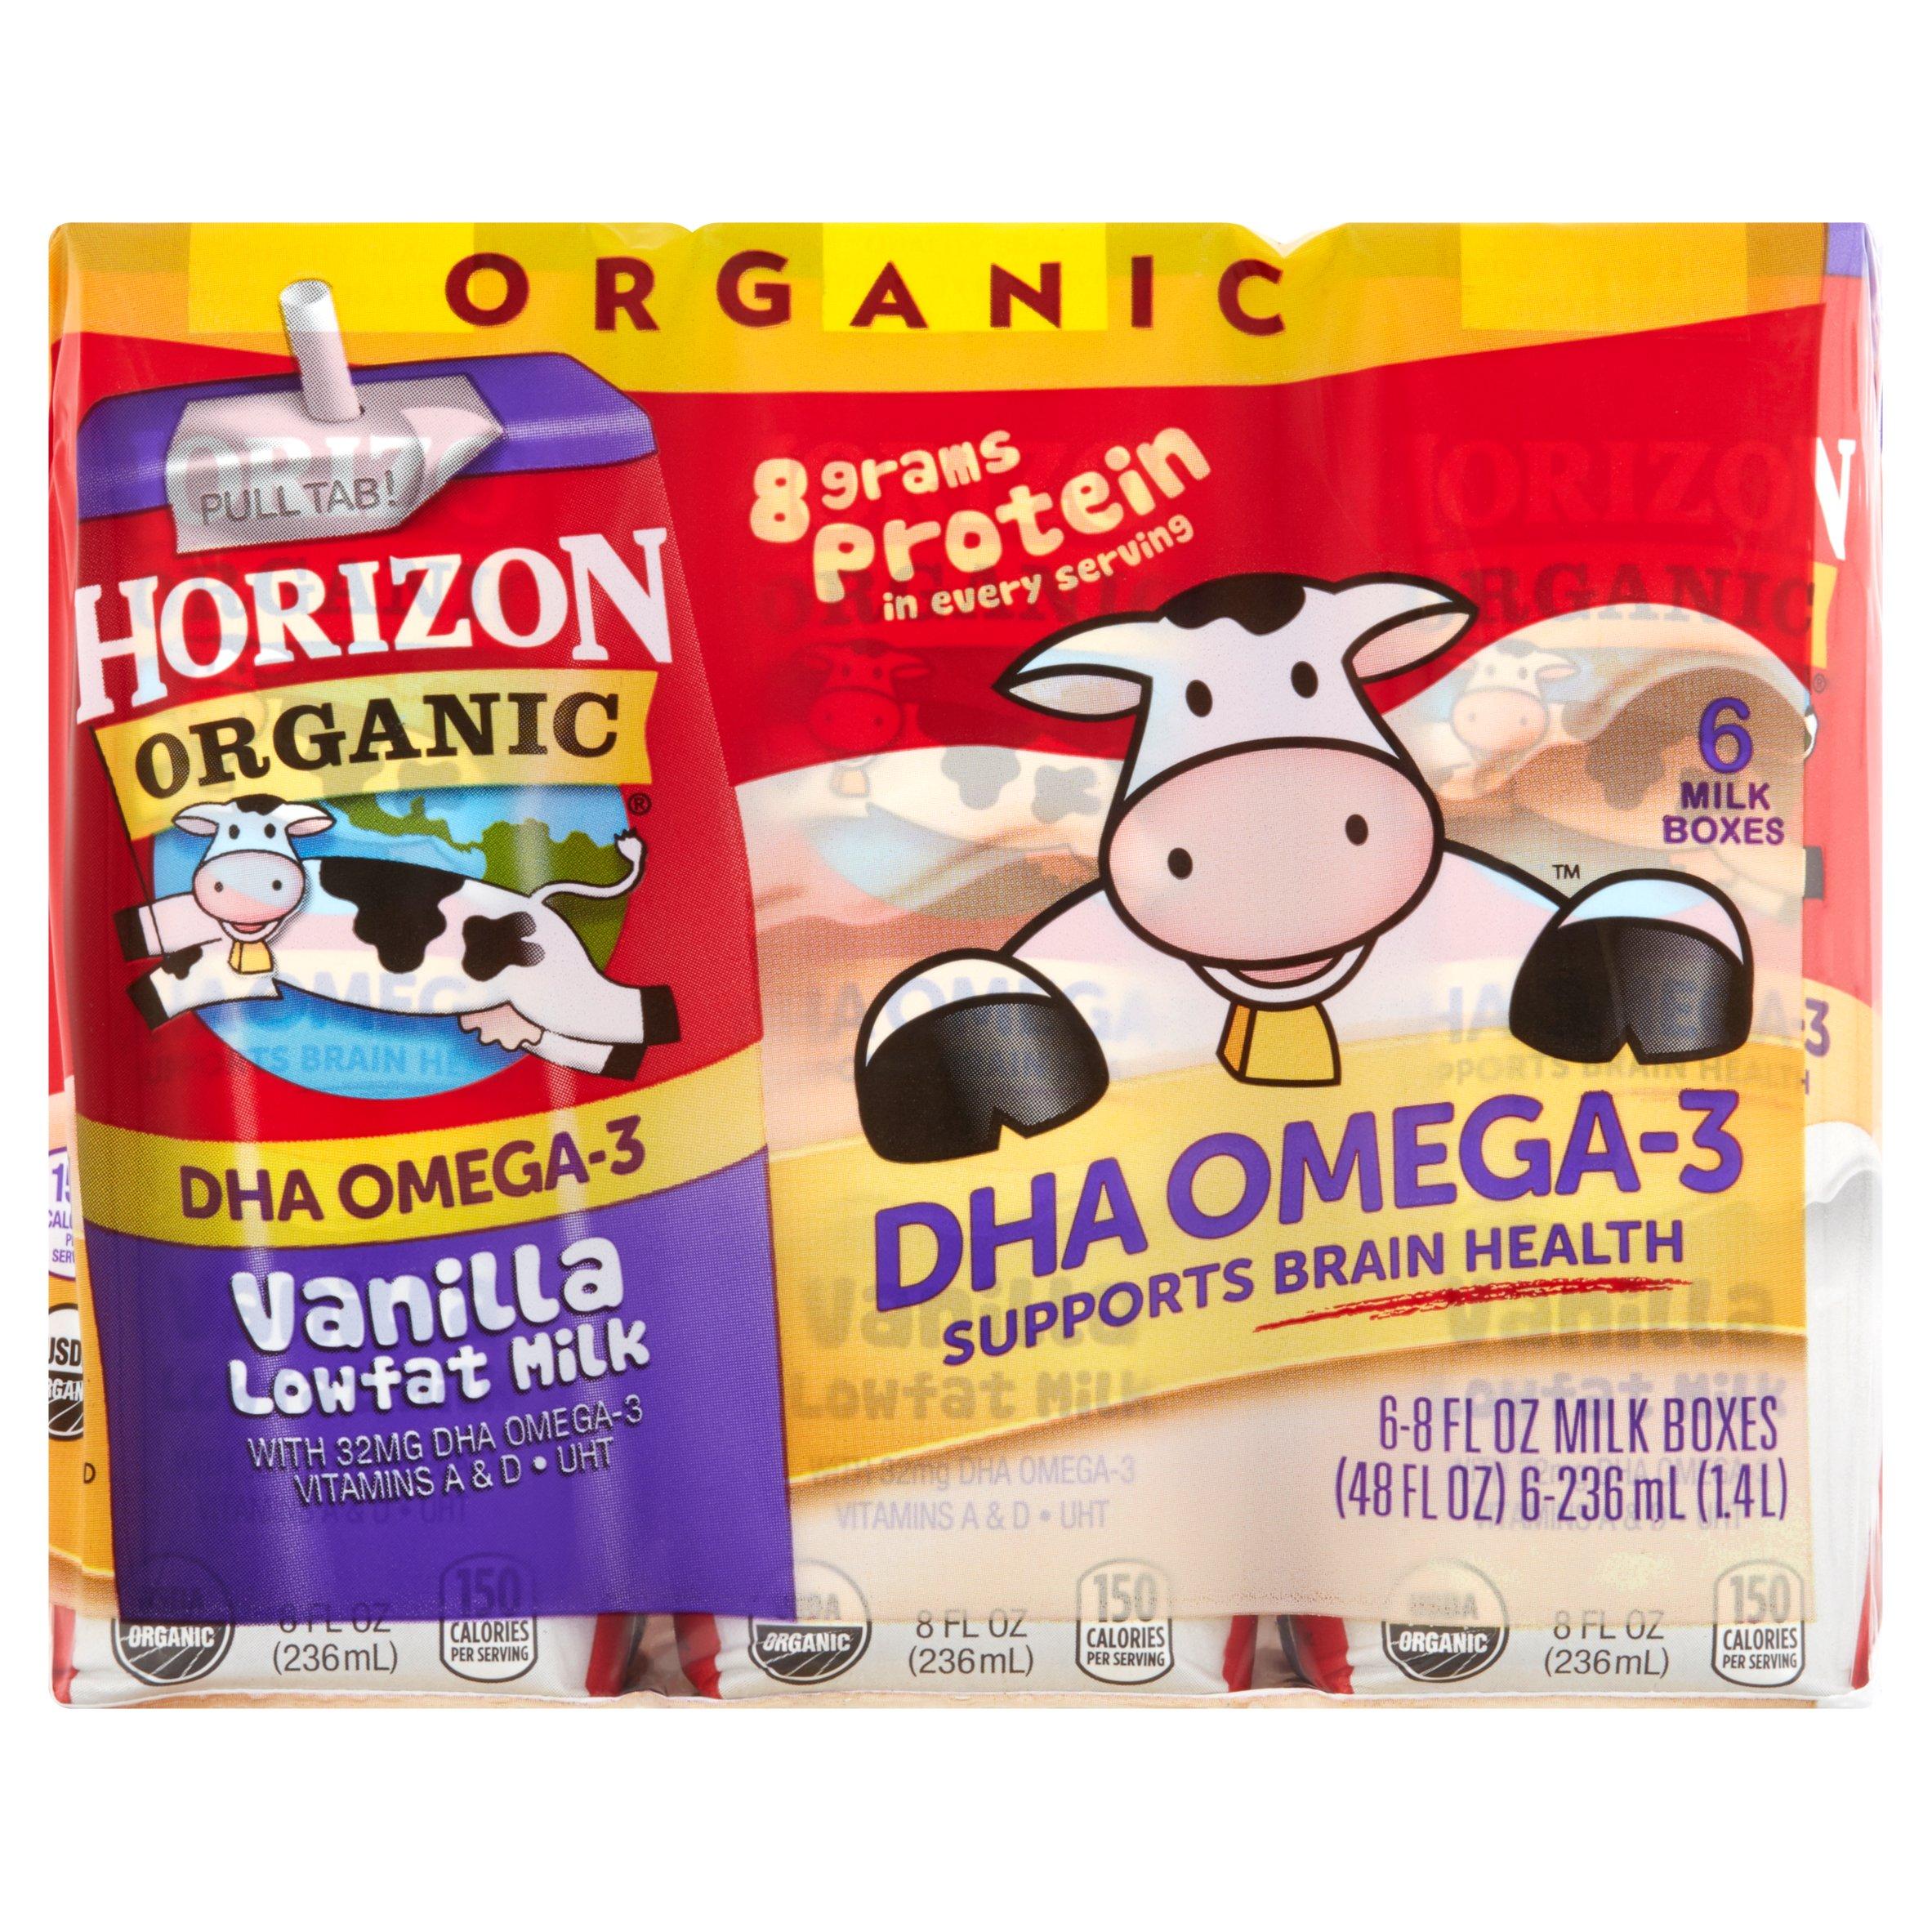 Horizon Organic Omega-3 Vanilla Lowfat Milk, 8 fl oz, 6 Ct